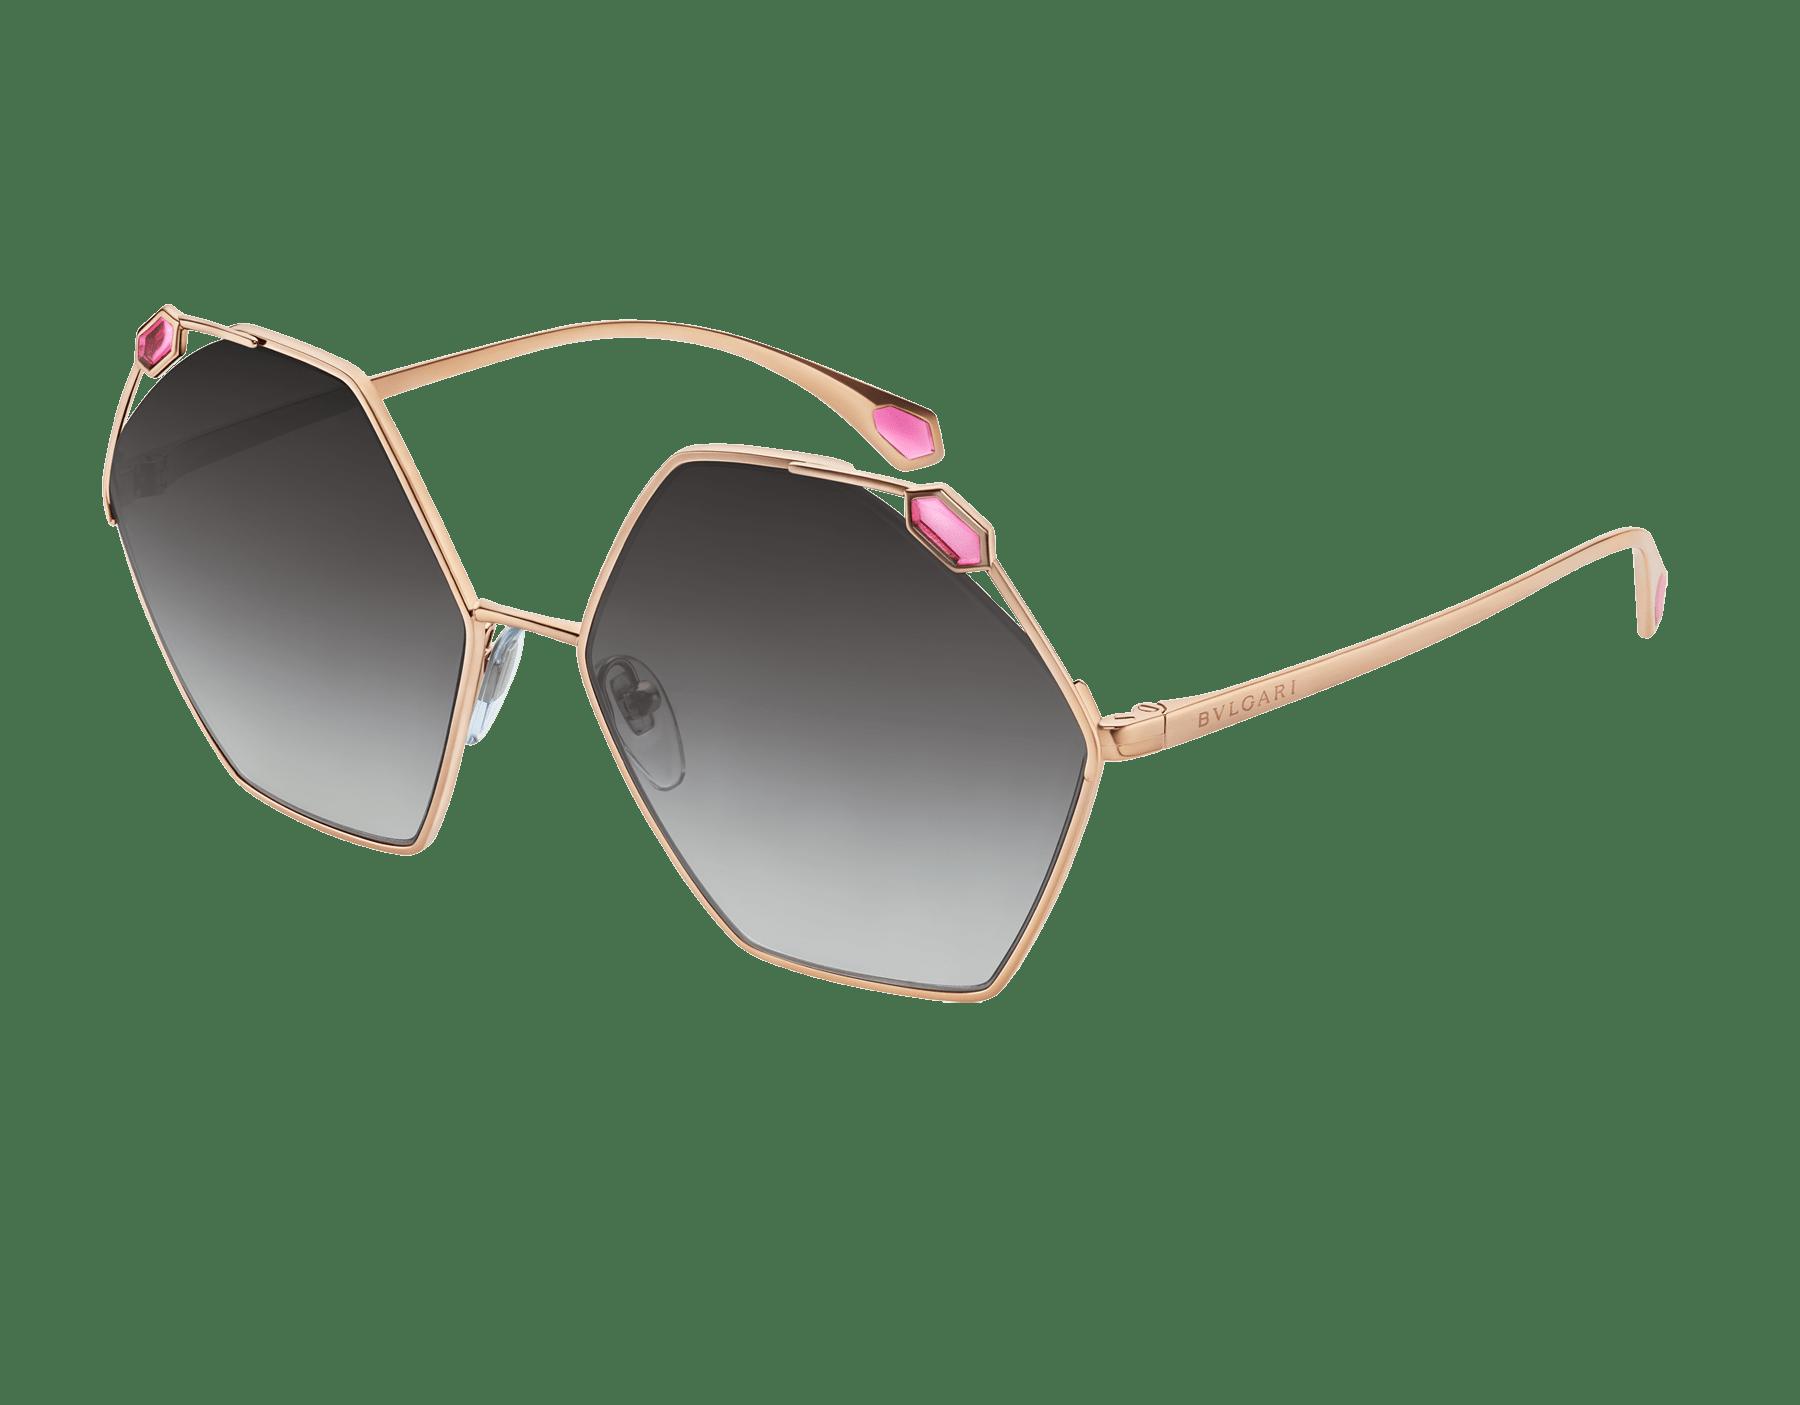 نظارات شمسية سيربنتي «ترو كولورز» معدنية سداسية الشكل 904067 image 1